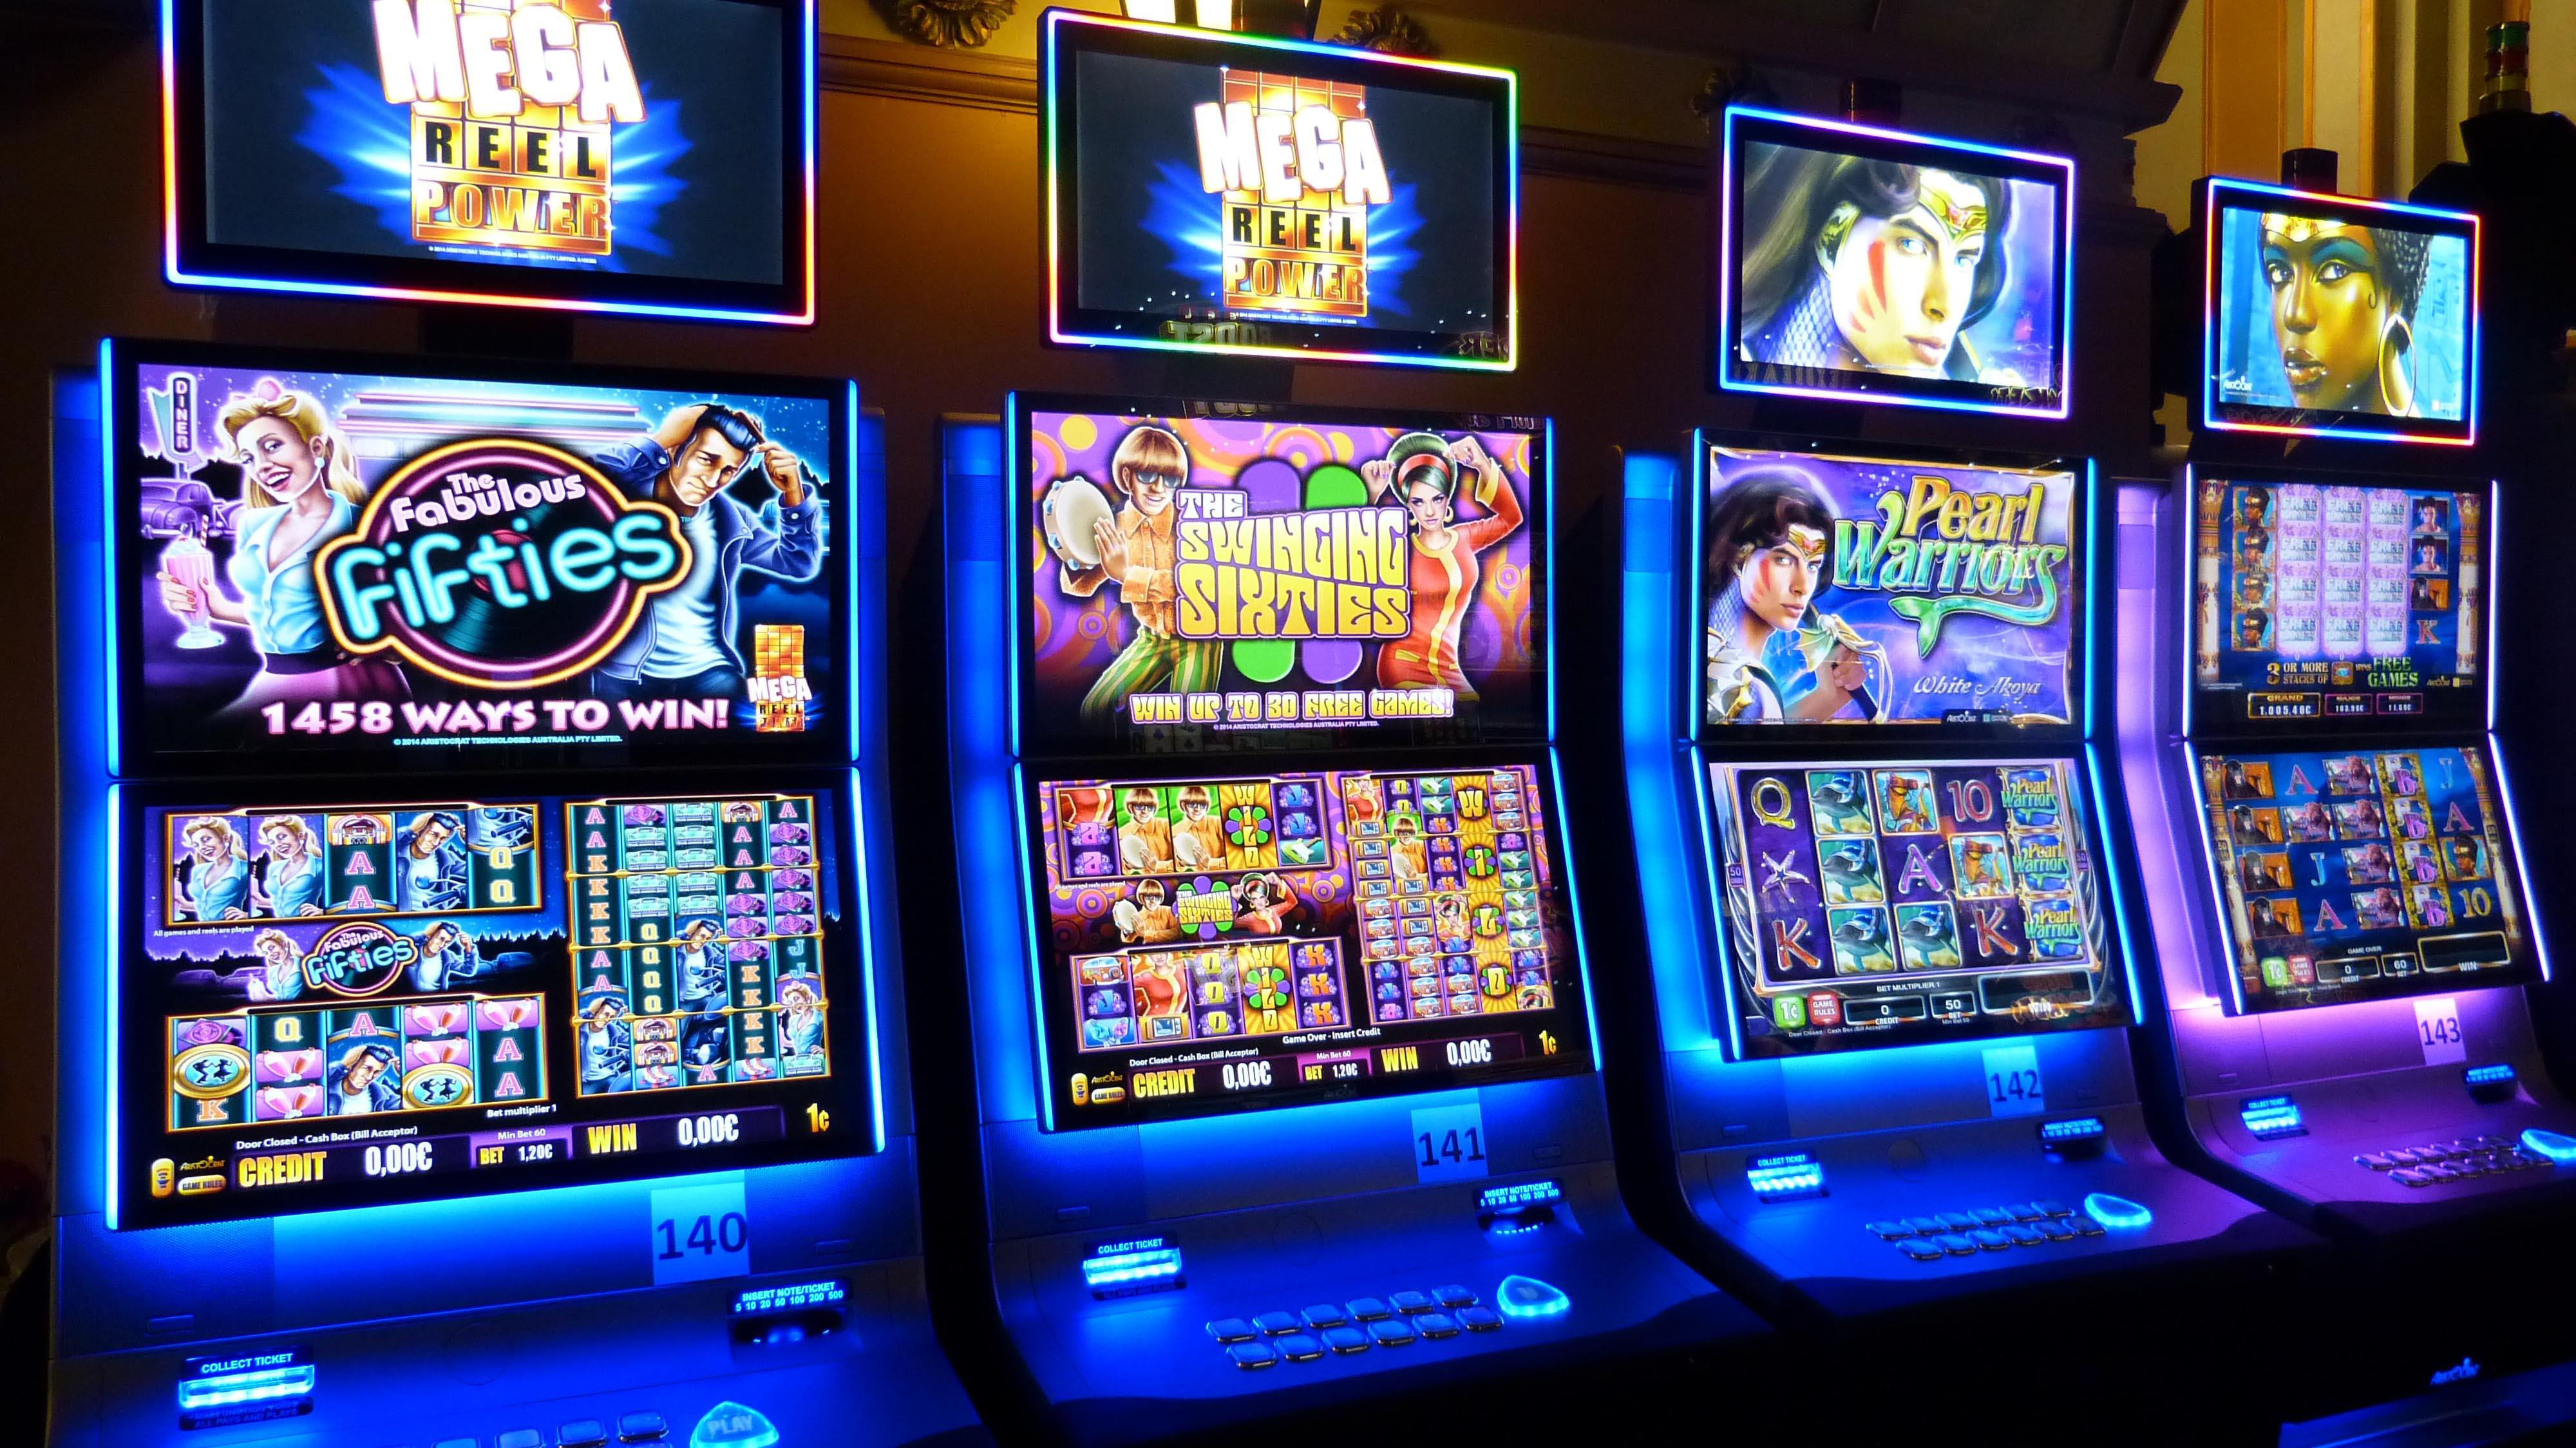 jeux de casino gratuit machine a sous legale en france